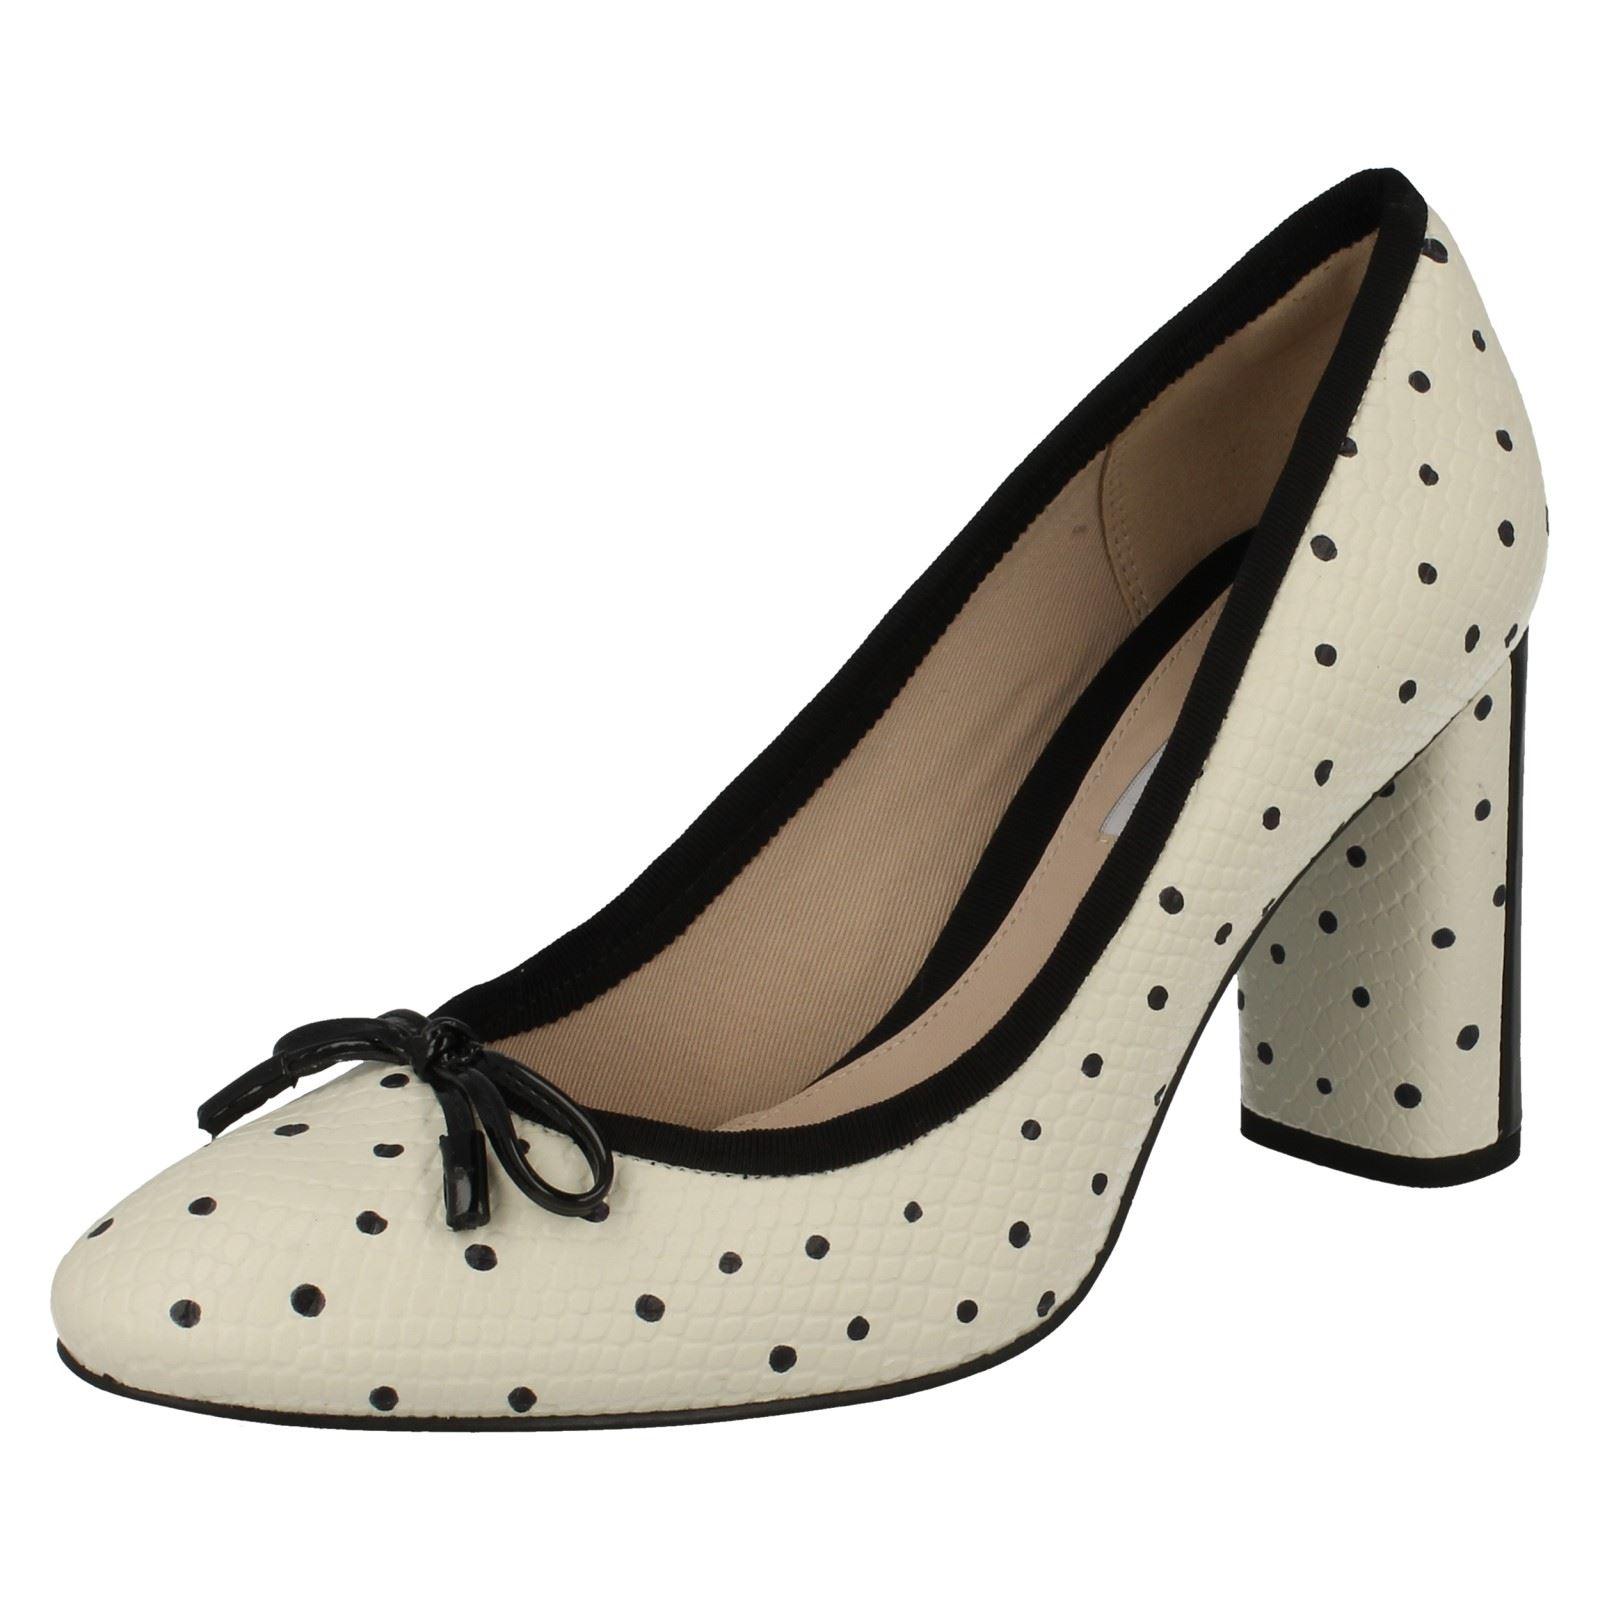 blanco Faye tacón para Calzado Clarks de alto mujer Idamarie blanco negro nvfp7wUqp